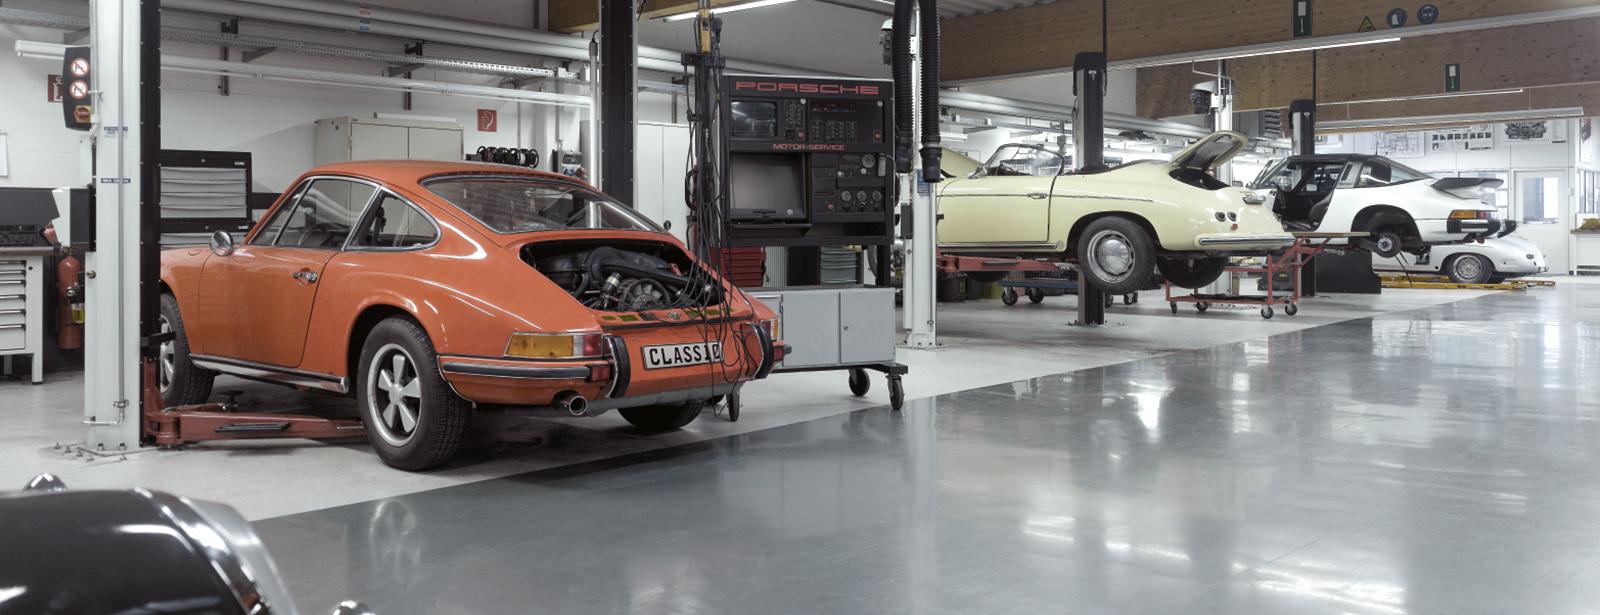 Youngtimer-Betreuung von Sportwagen (8 Zylinder)